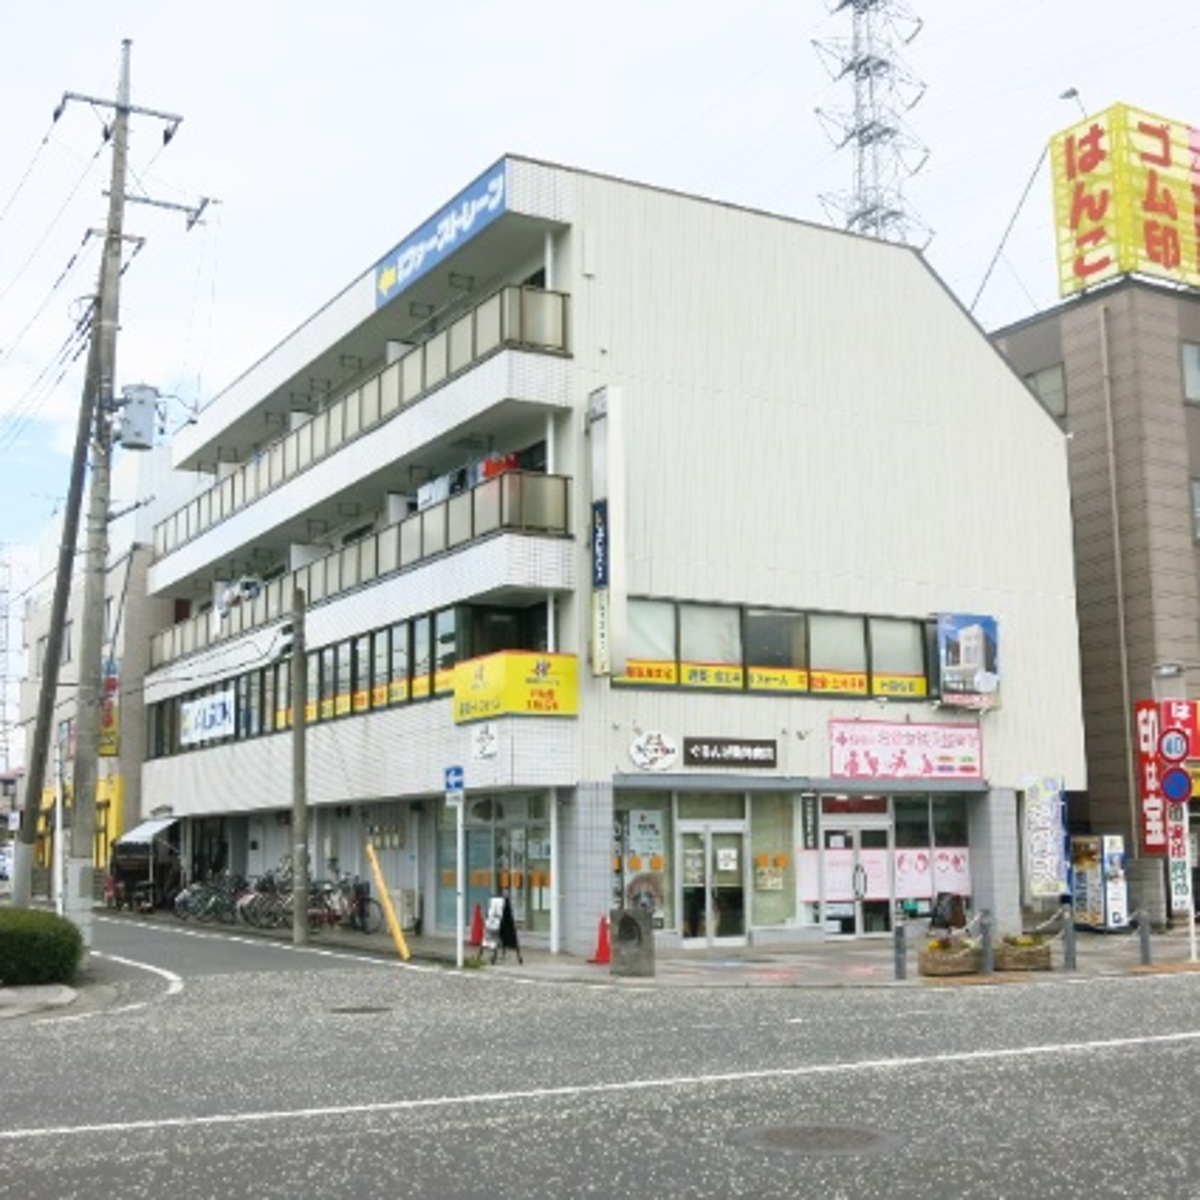 神奈川県相模原市中央区、矢部駅徒歩26分の築29年 4階建の賃貸マンション